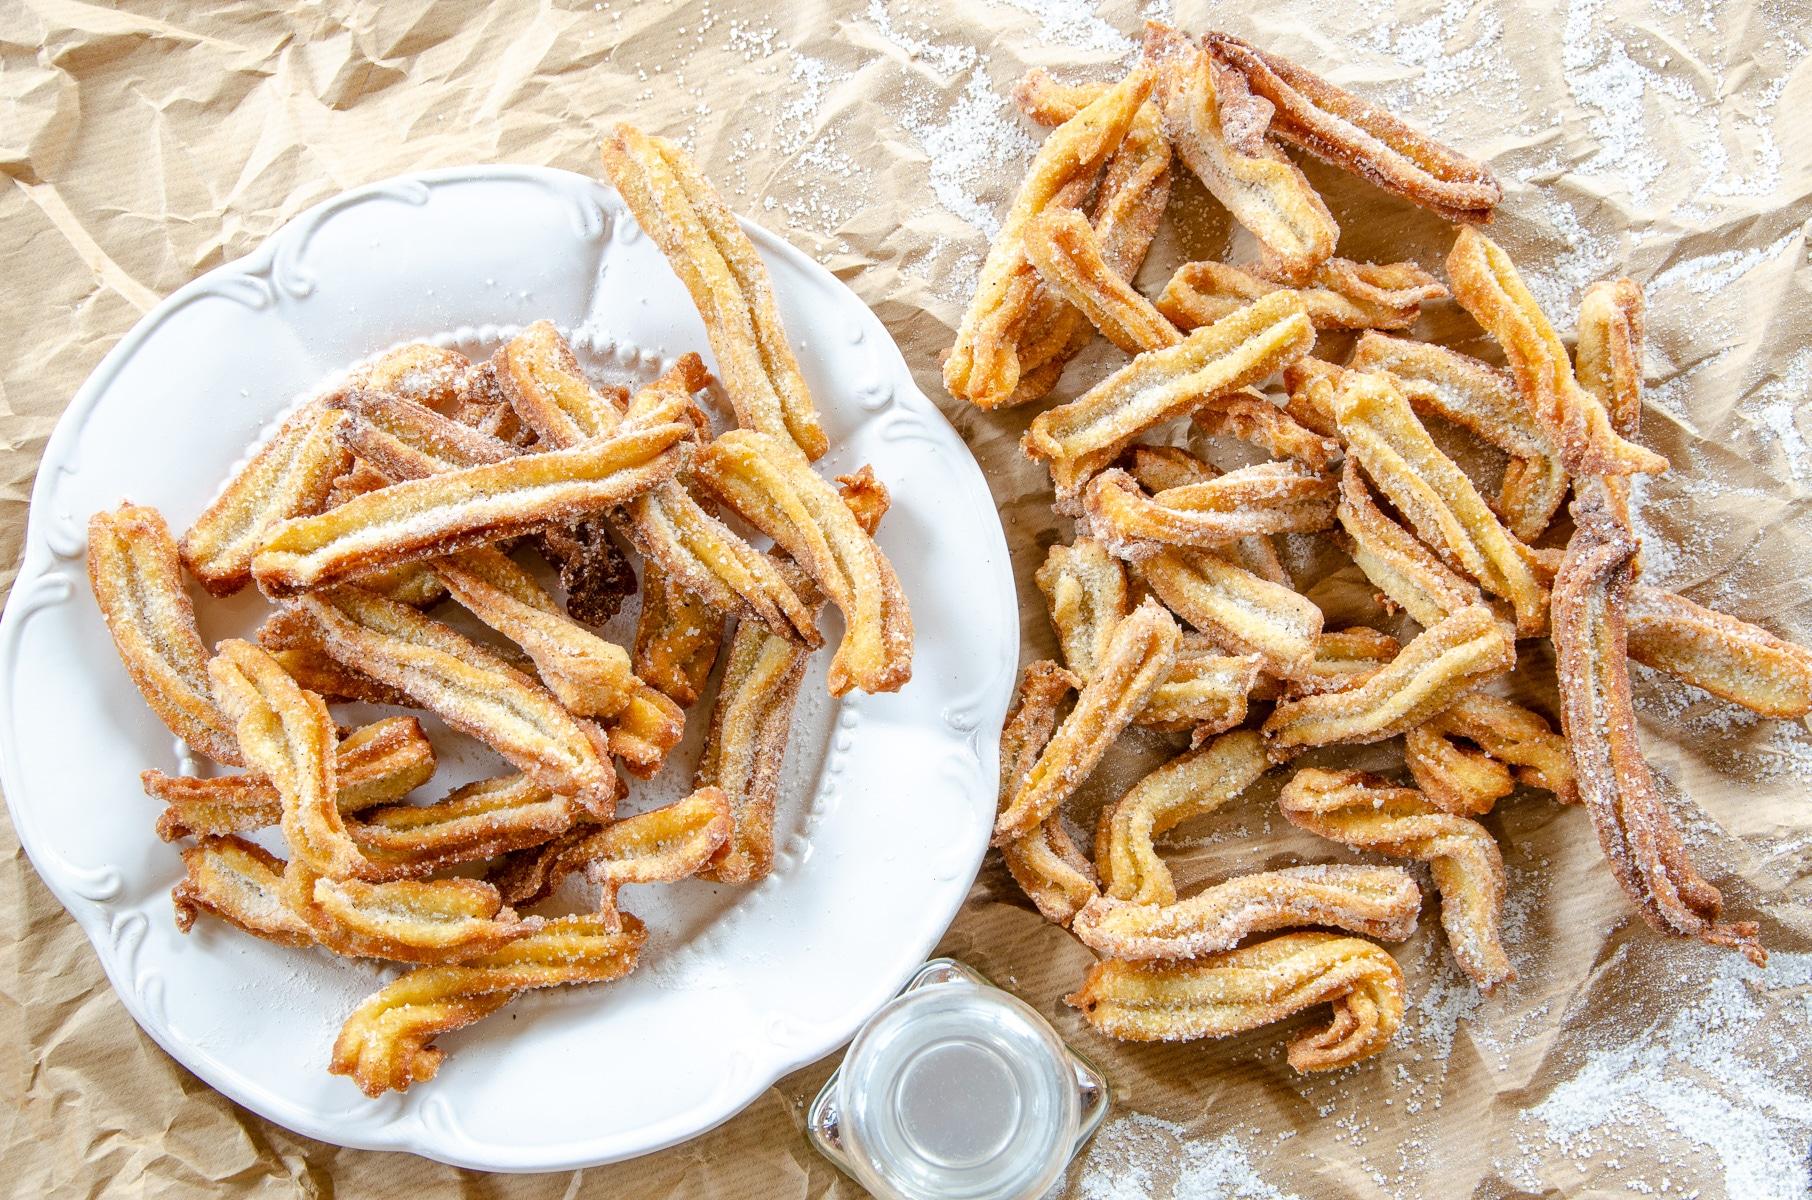 churros z przyprawą piernikową podane na talerzu obtoczone w cukrze z przyprawami